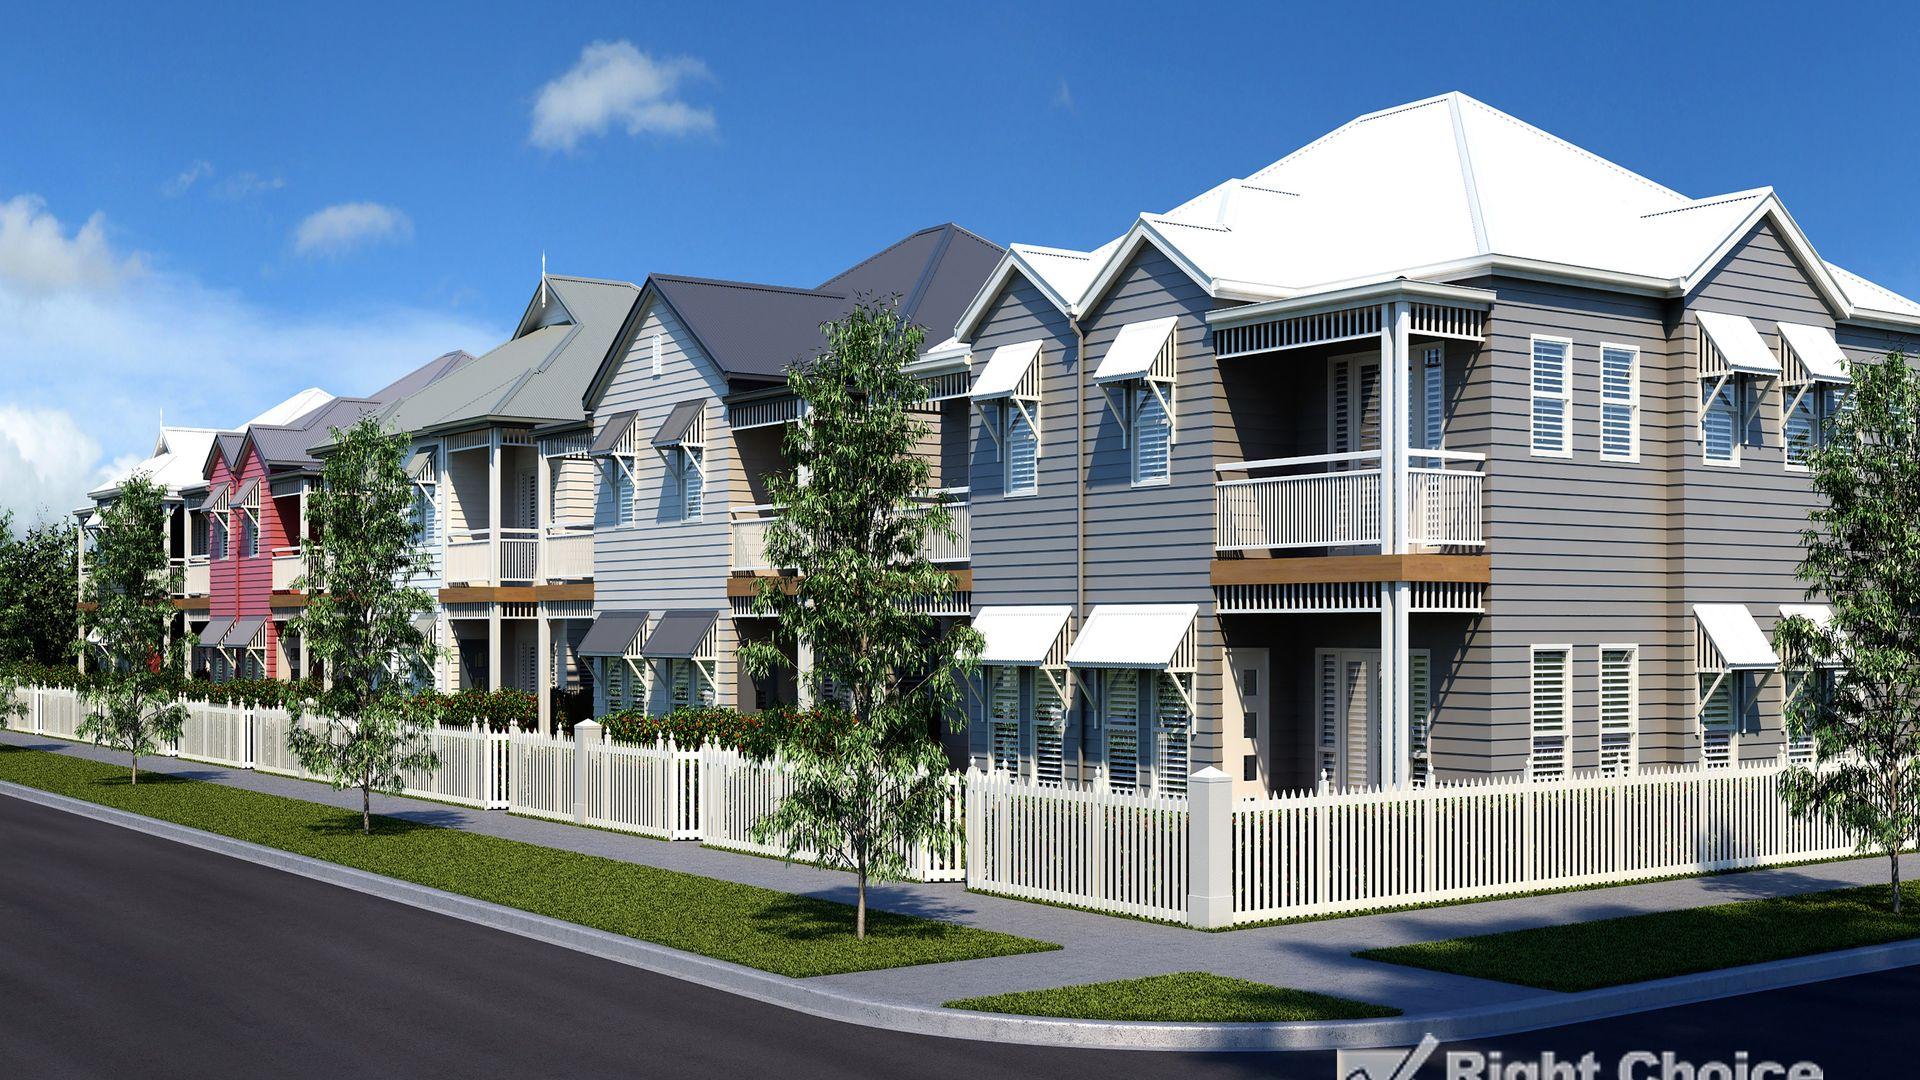 Lot 2/374 Balmoral Street, Tullimbar NSW 2527, Image 1